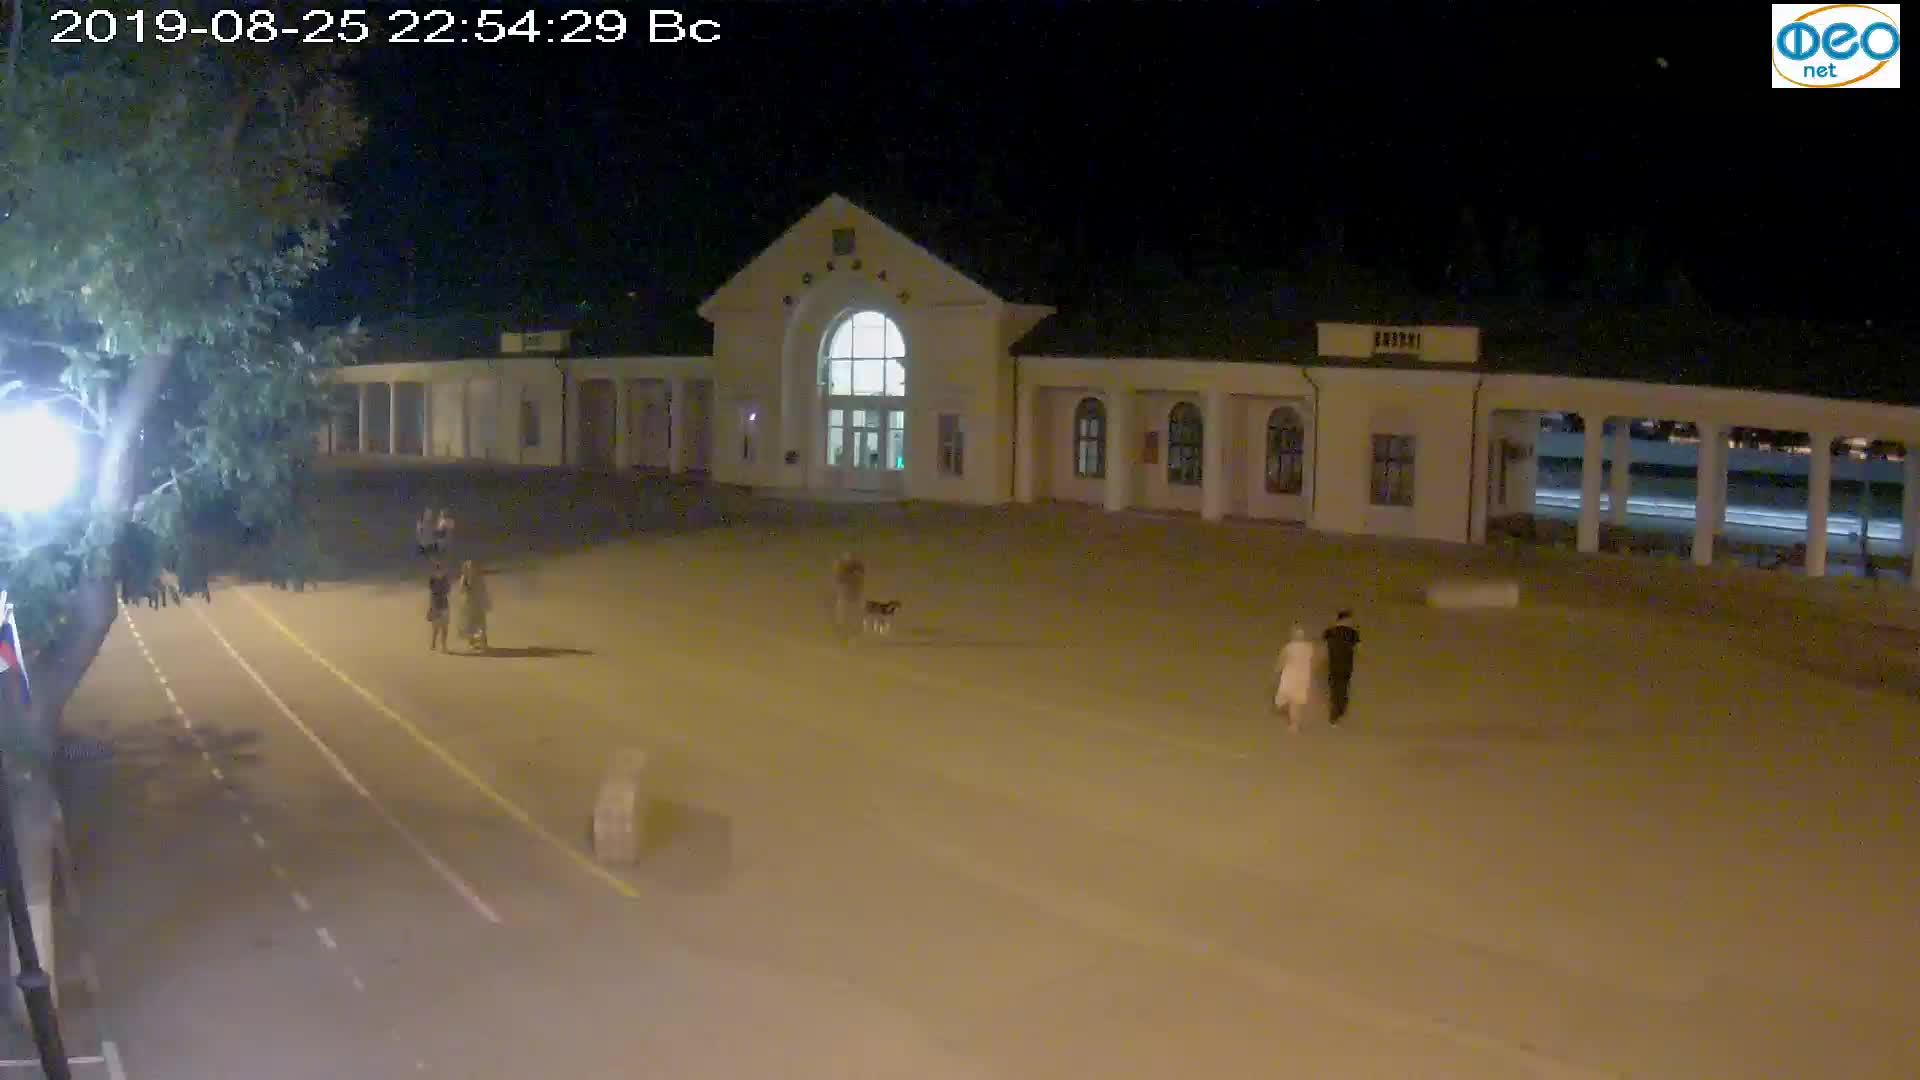 Веб-камеры Феодосии, Привокзальная площадь, 2019-08-25 23:10:05